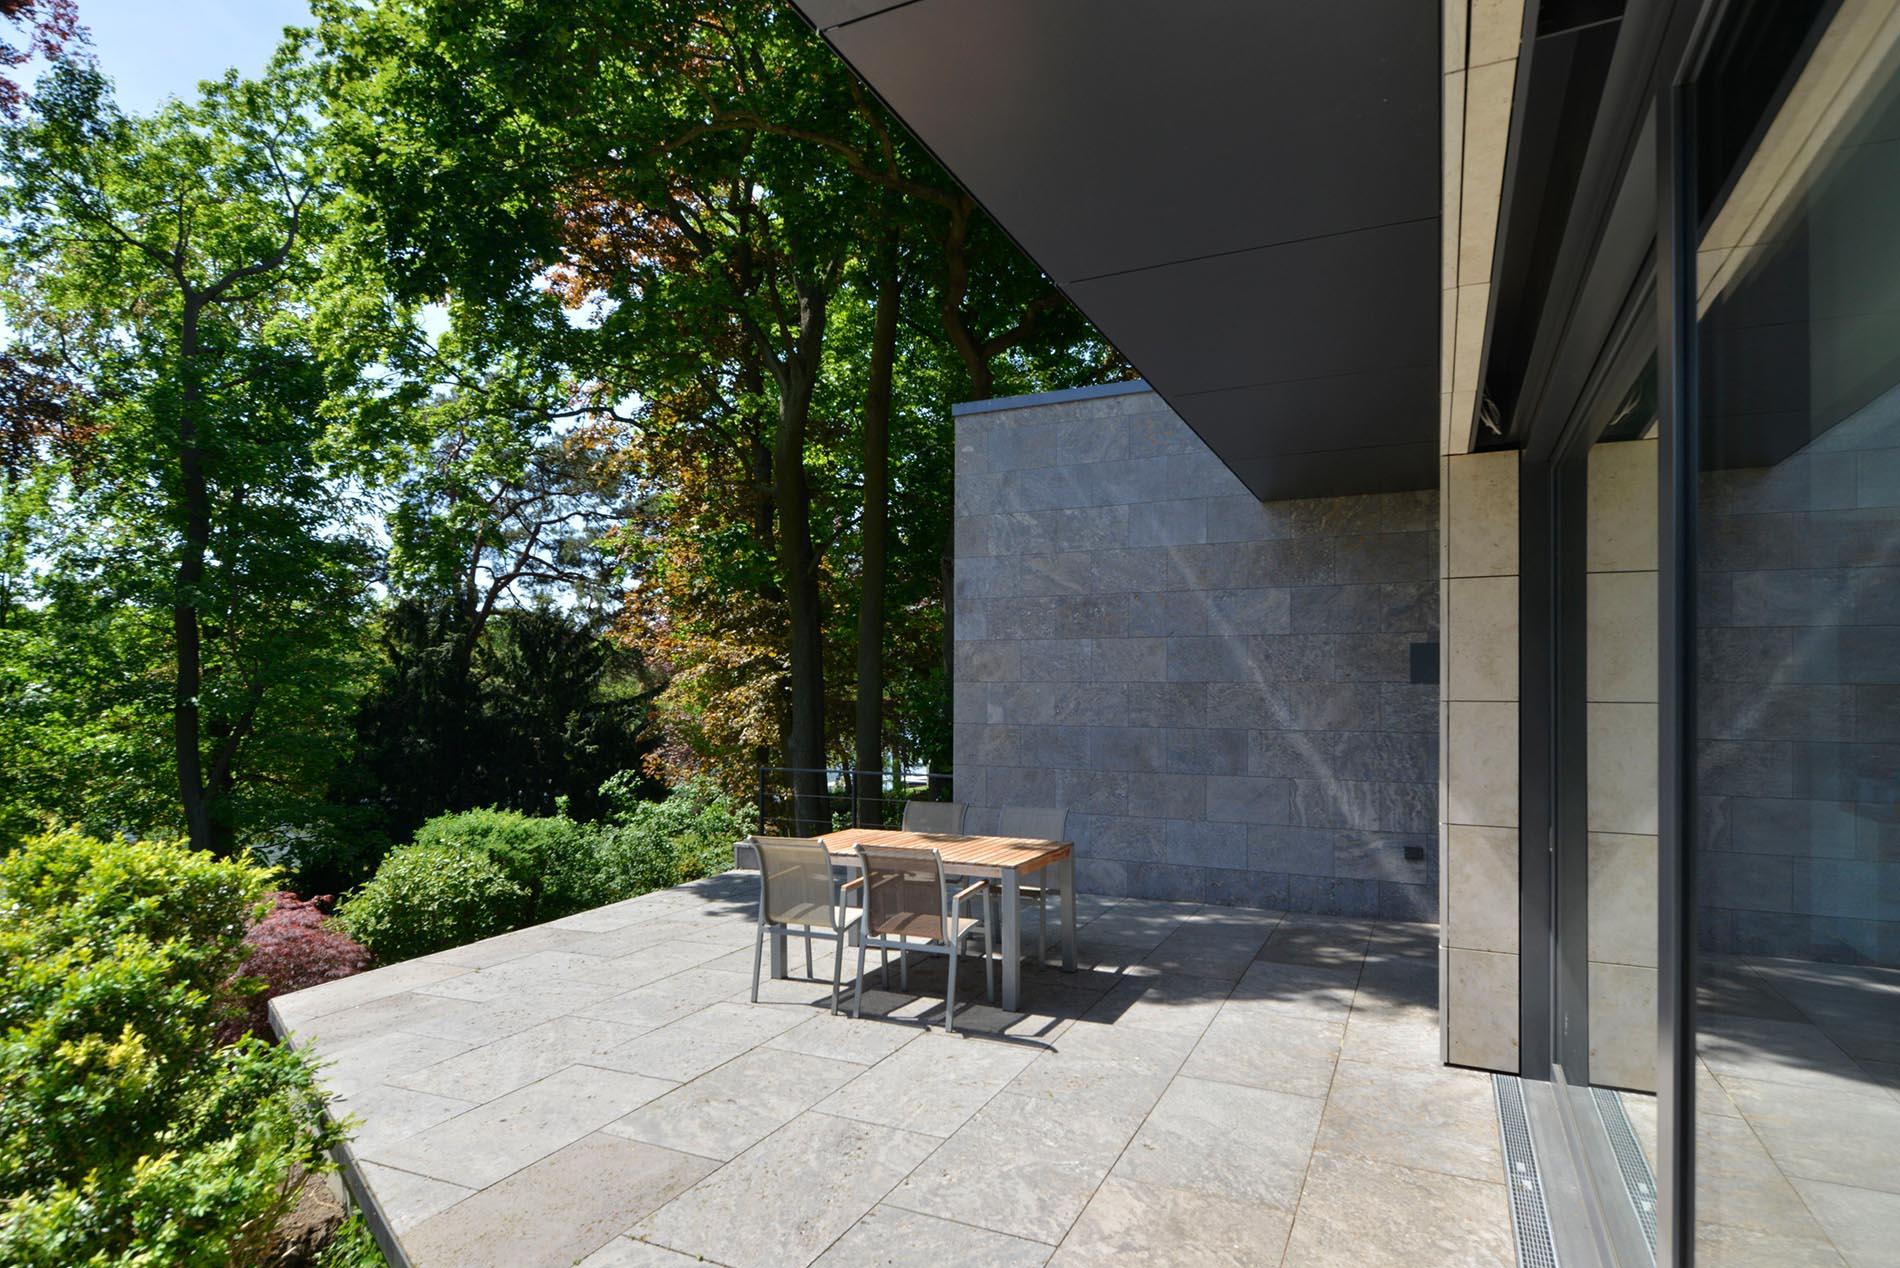 Terrassenplatten aus Muschelkalk, Wandverkleidung aus Muschelkalk und Travertin von TRACO